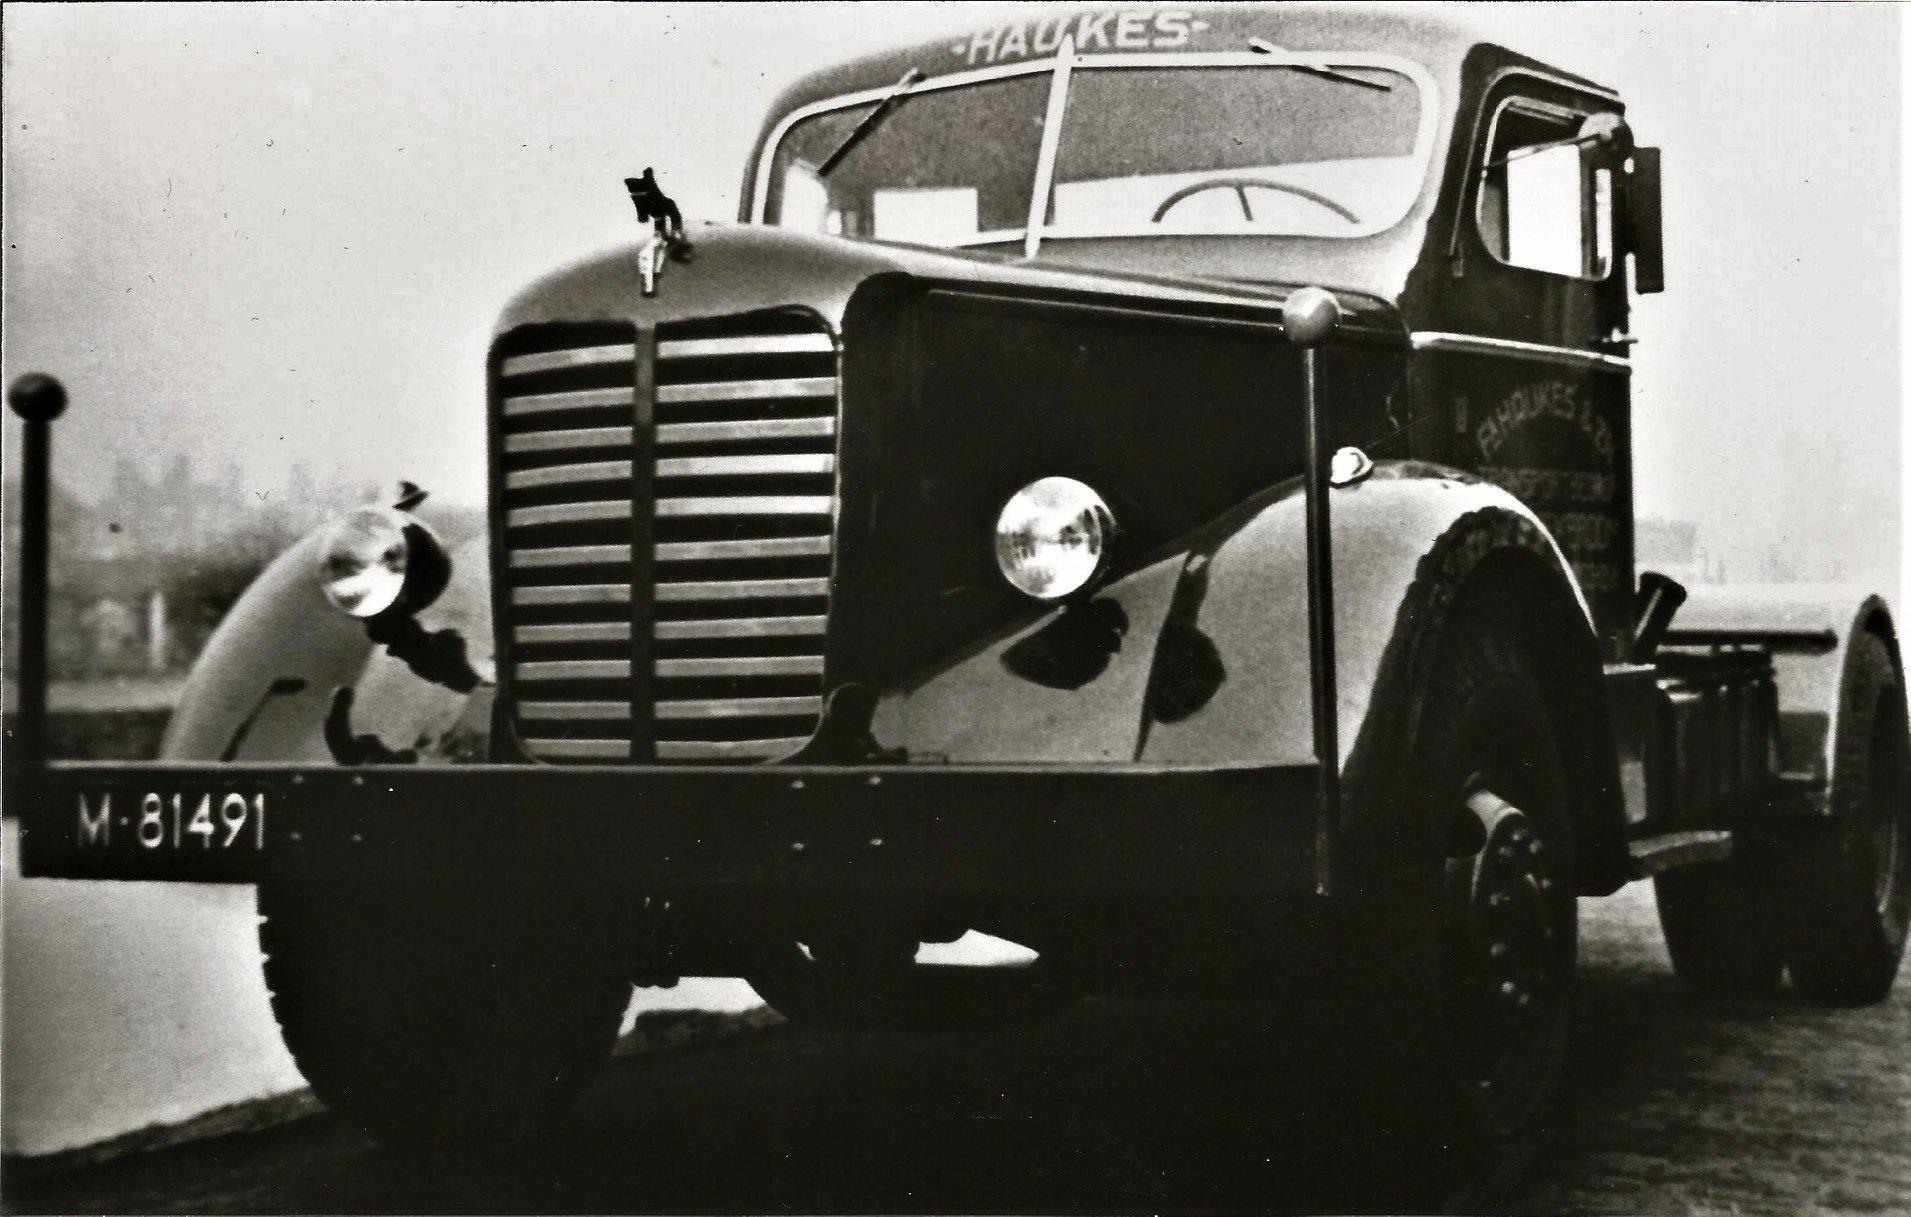 de-eerste-Mack-NR-trekker-van-Haukes--deze-Mack-is-compleet-omgebouwd-en-opgeknapt-van-3-assige-motorwagen-naar-een-enkel-assige-trekker-Ha[1]